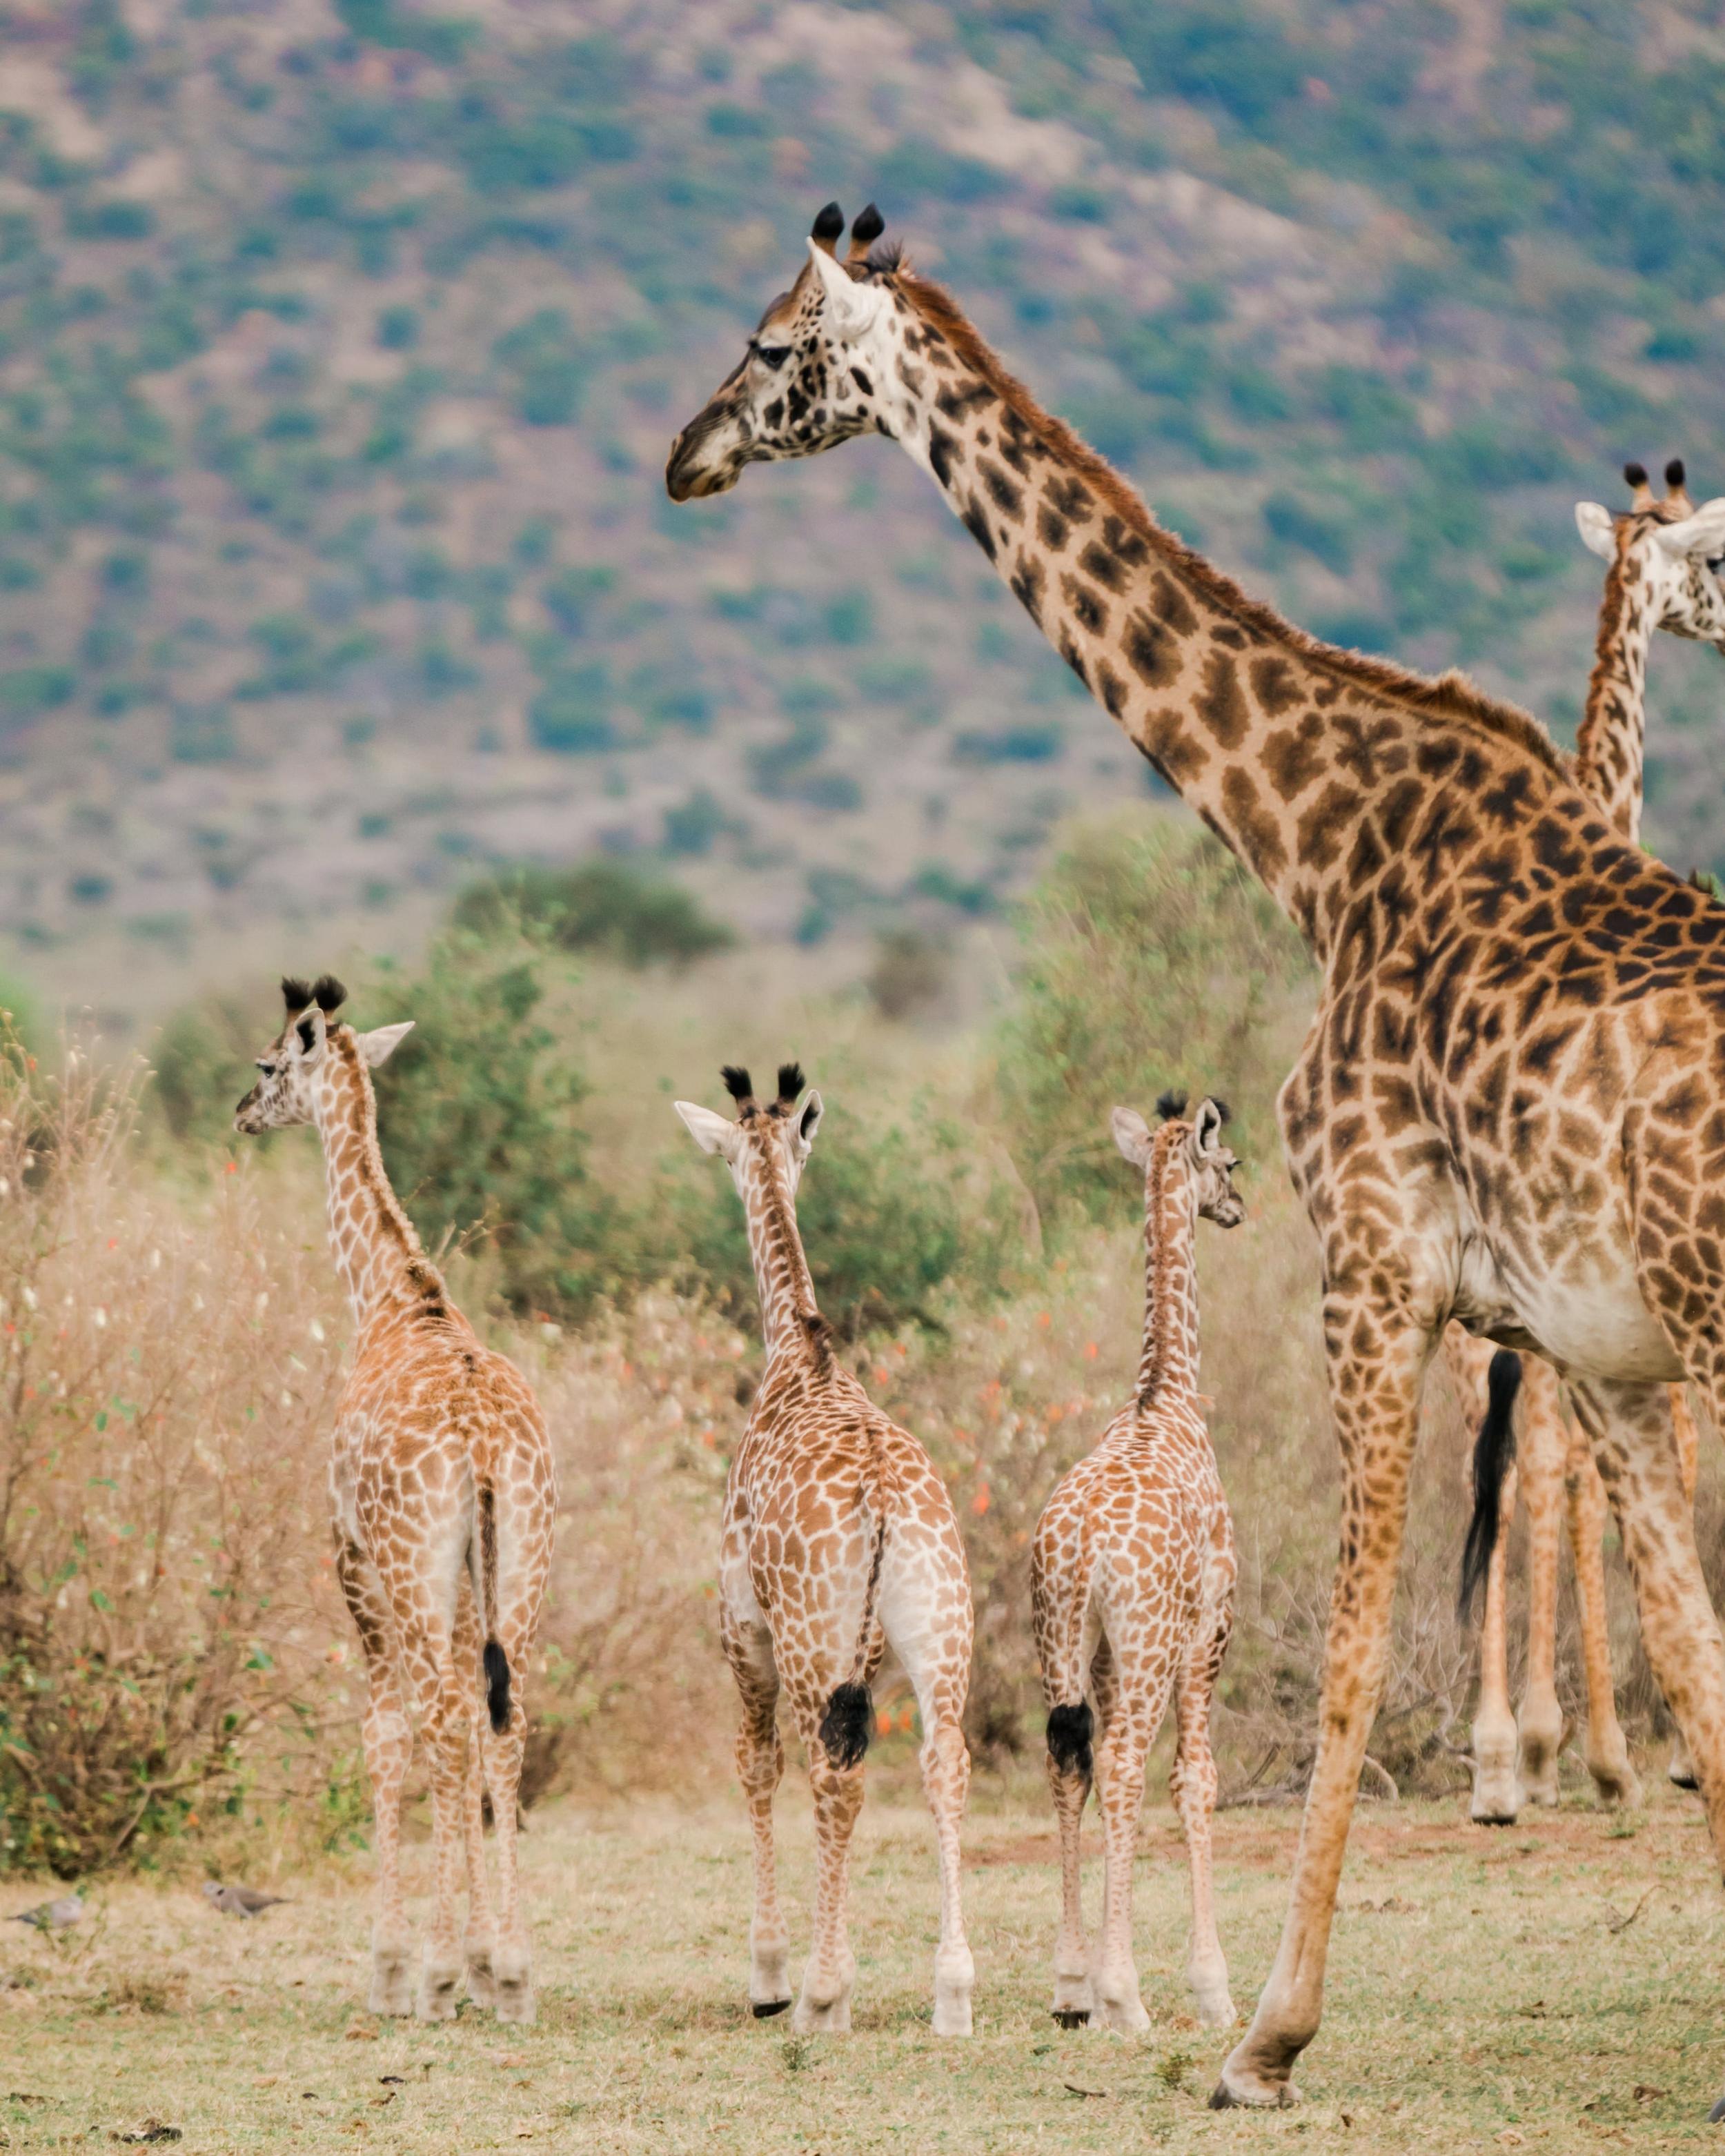 Giraffes on Safari in Kenya Ph. Valorie Darling